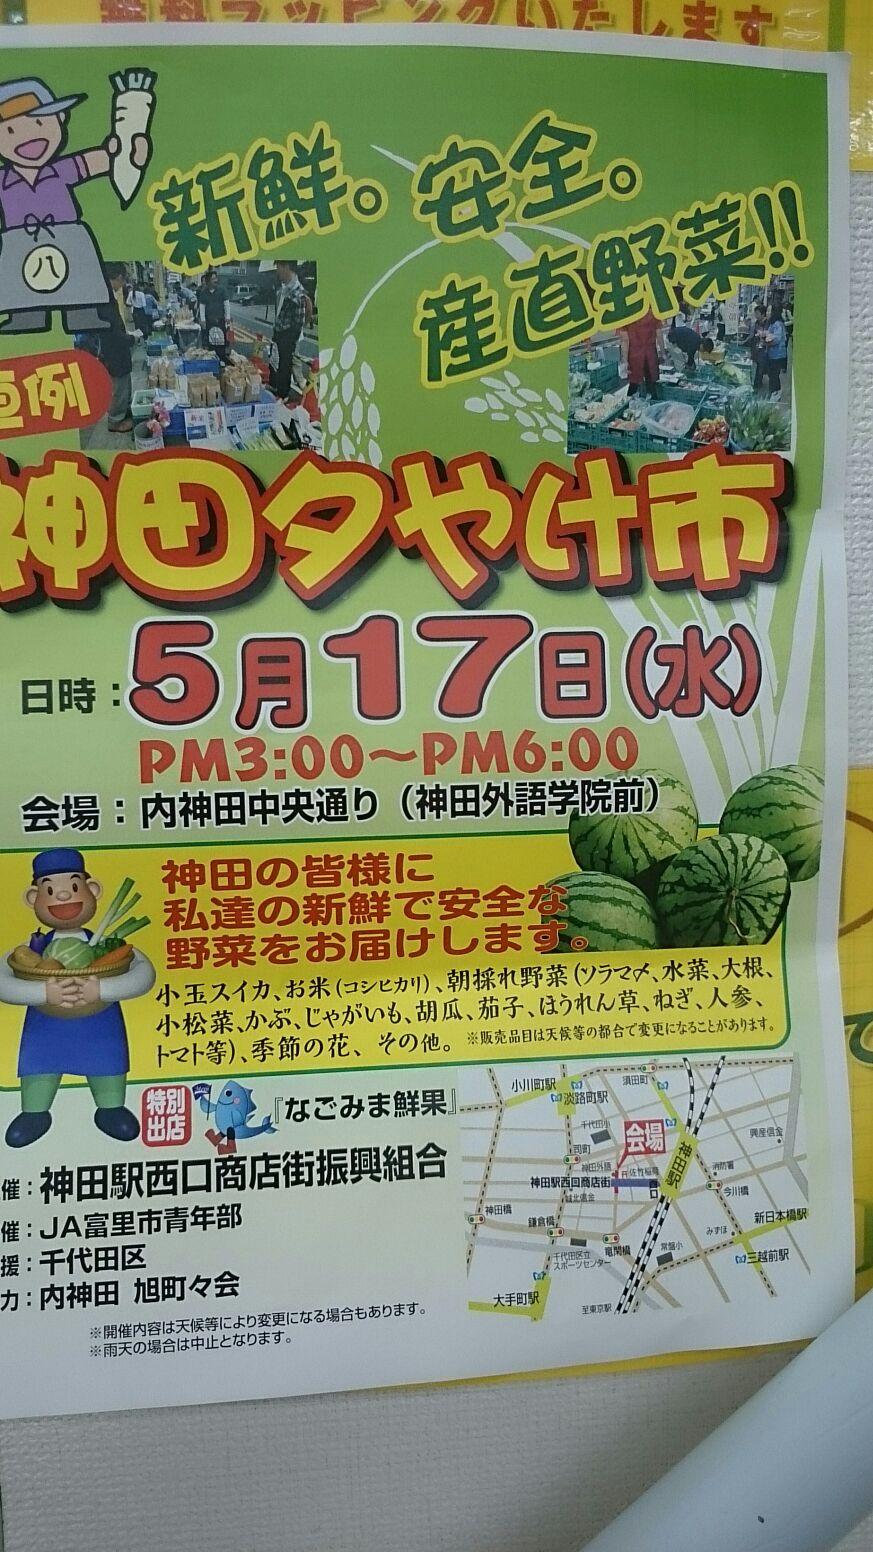 路上で販売・・神田夕やけ市・・新鮮野菜、売り切れ必死!